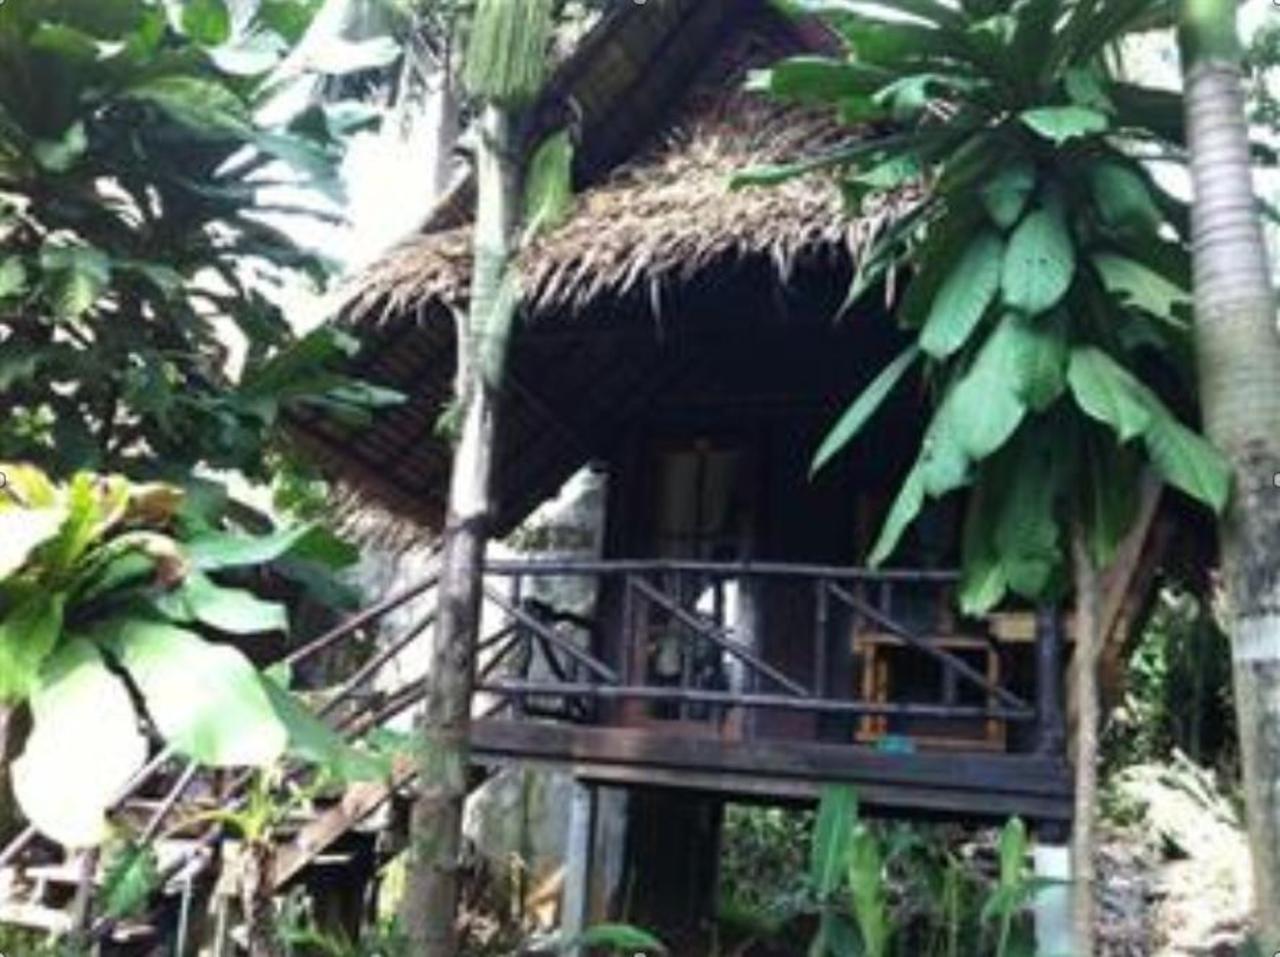 ใบลานวิว บังกะโล (Bailan View Bungalow)